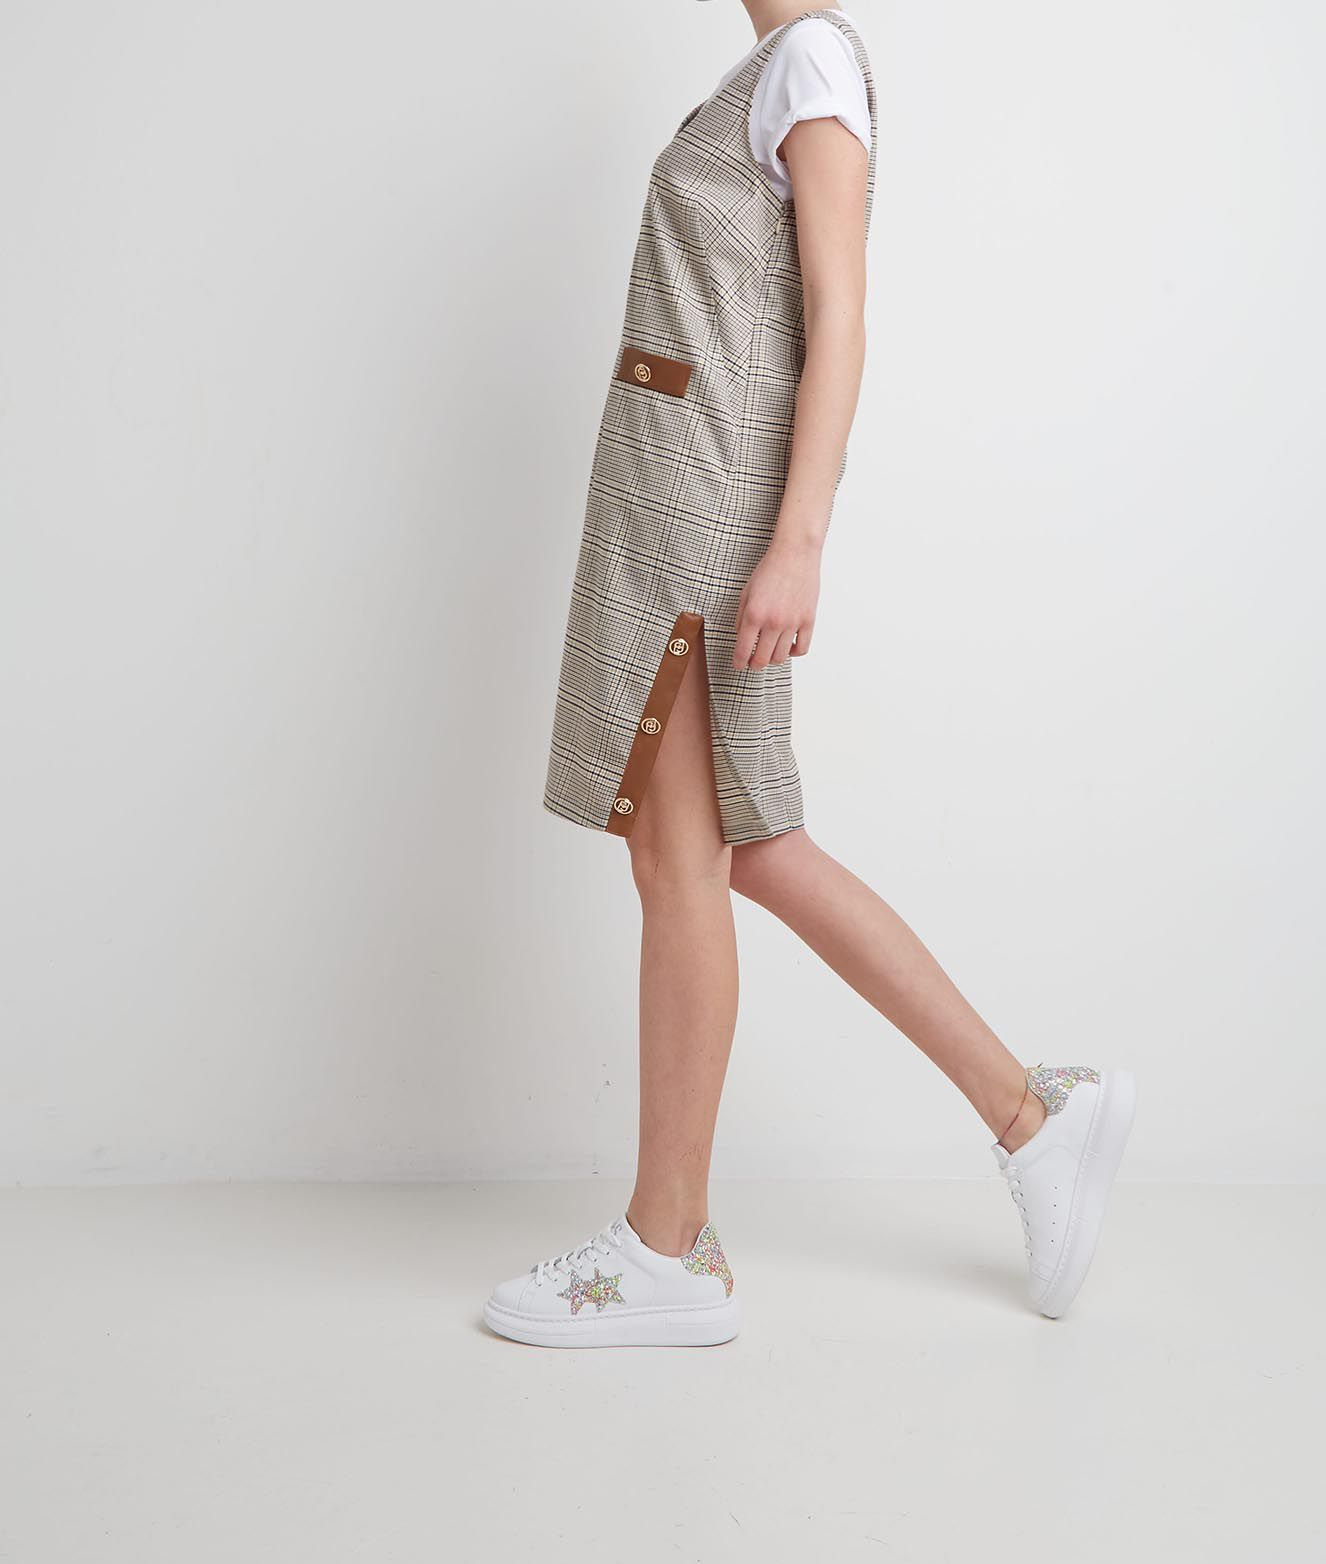 Liu Jo Kleid im Pepita Muster Braun   Maximilian